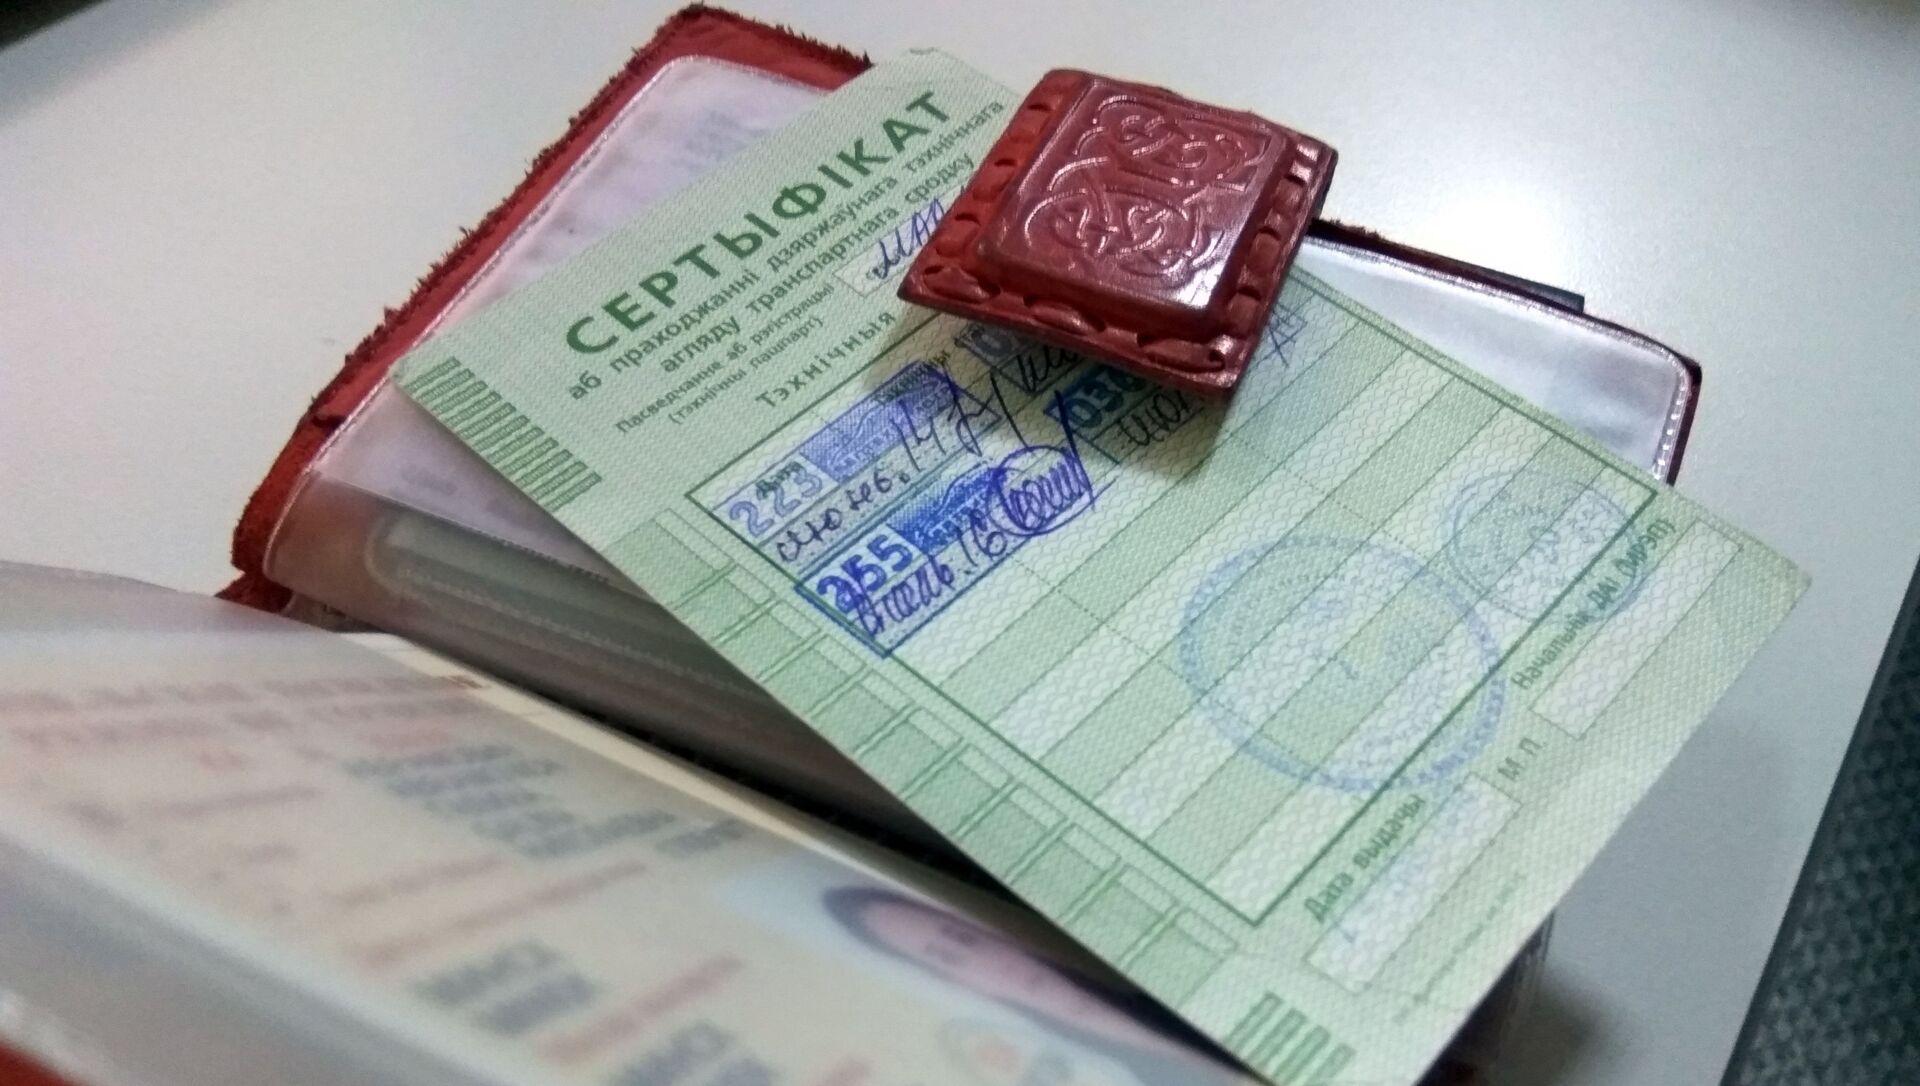 Сертификат о прохождении техосмотра - Sputnik Беларусь, 1920, 21.06.2021